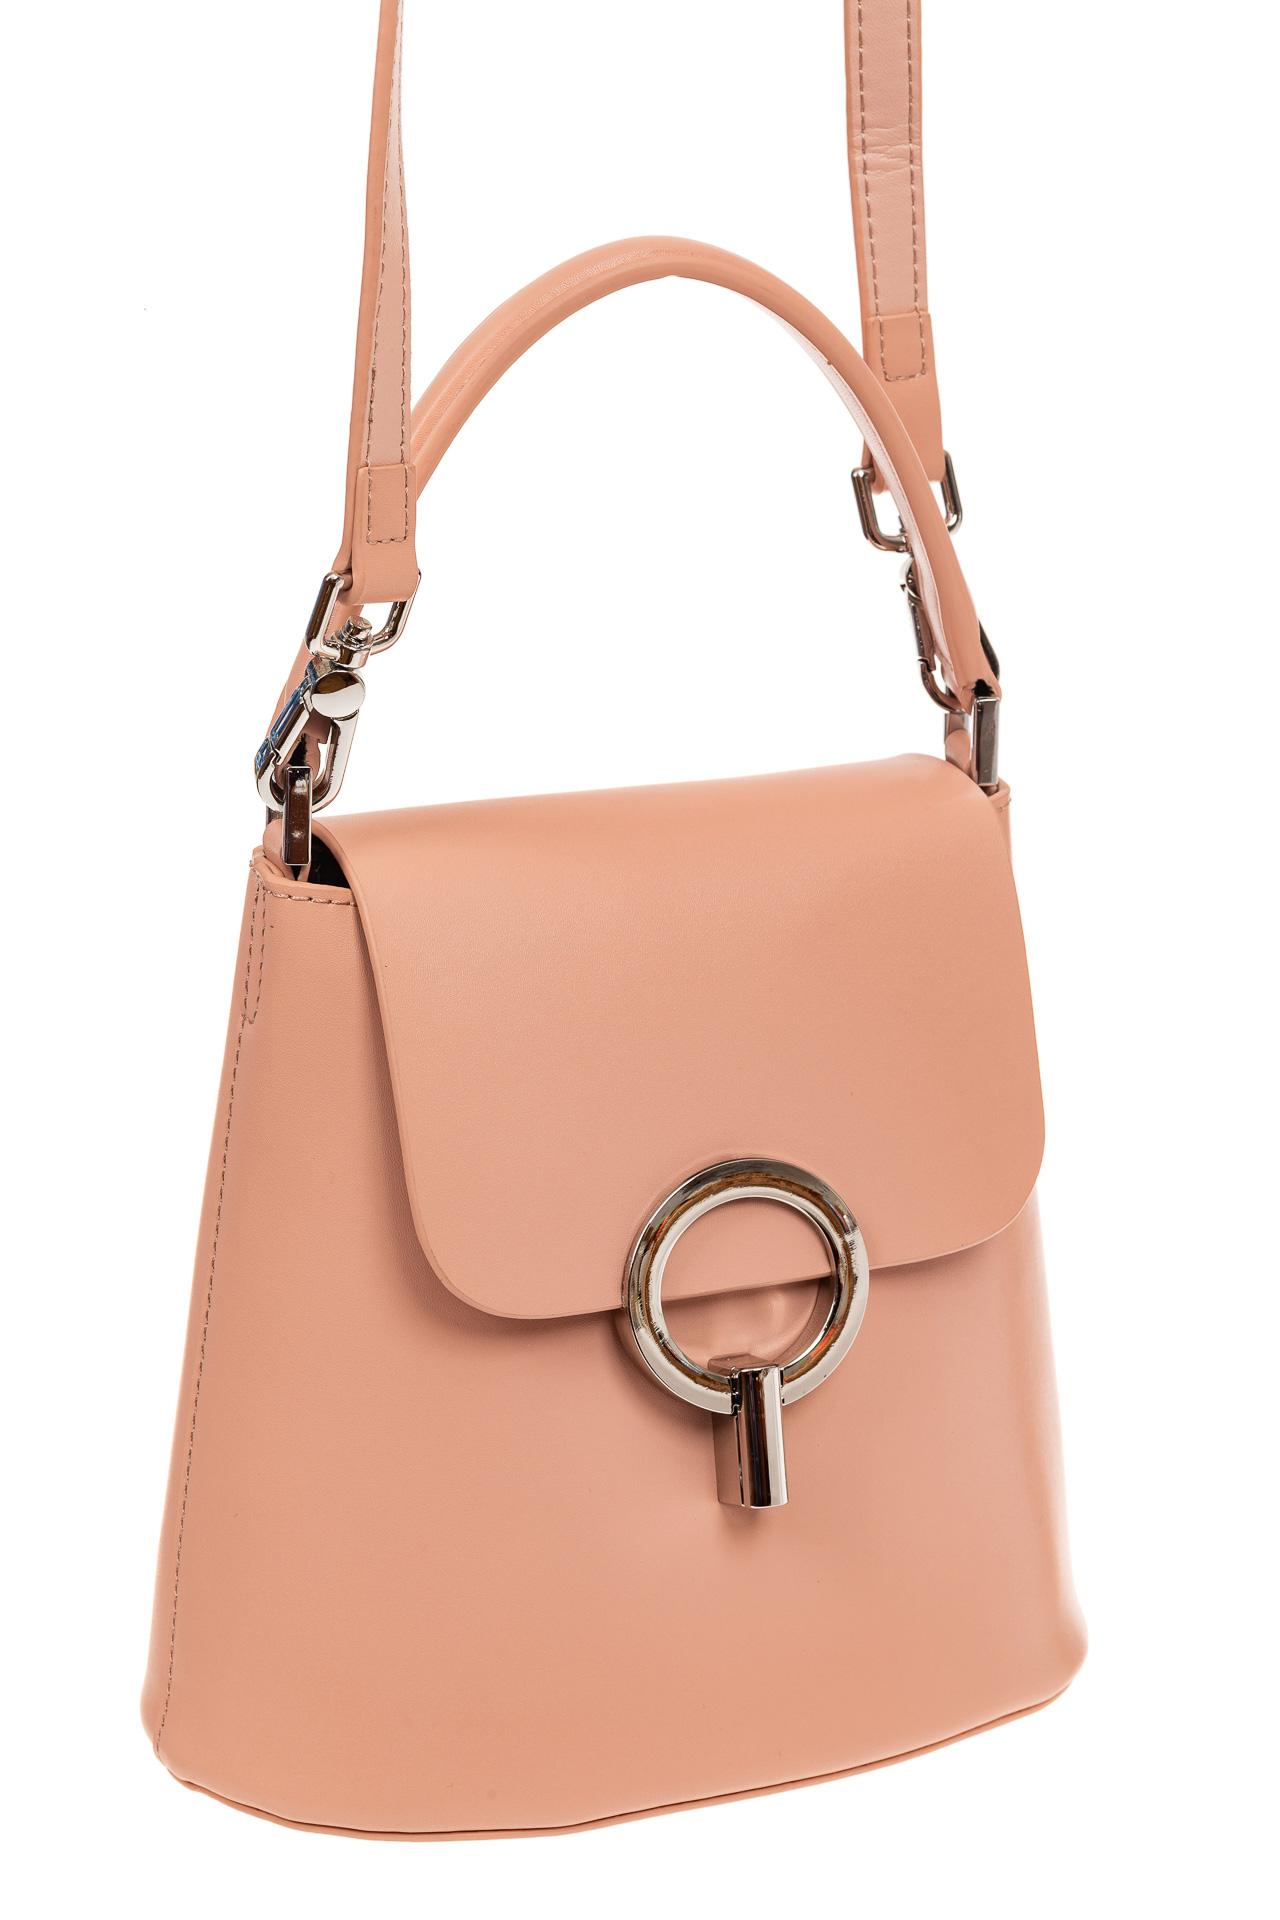 Сумка bucket-bag из натуральной кожи с пряжкой-кольцом, цвет розовый